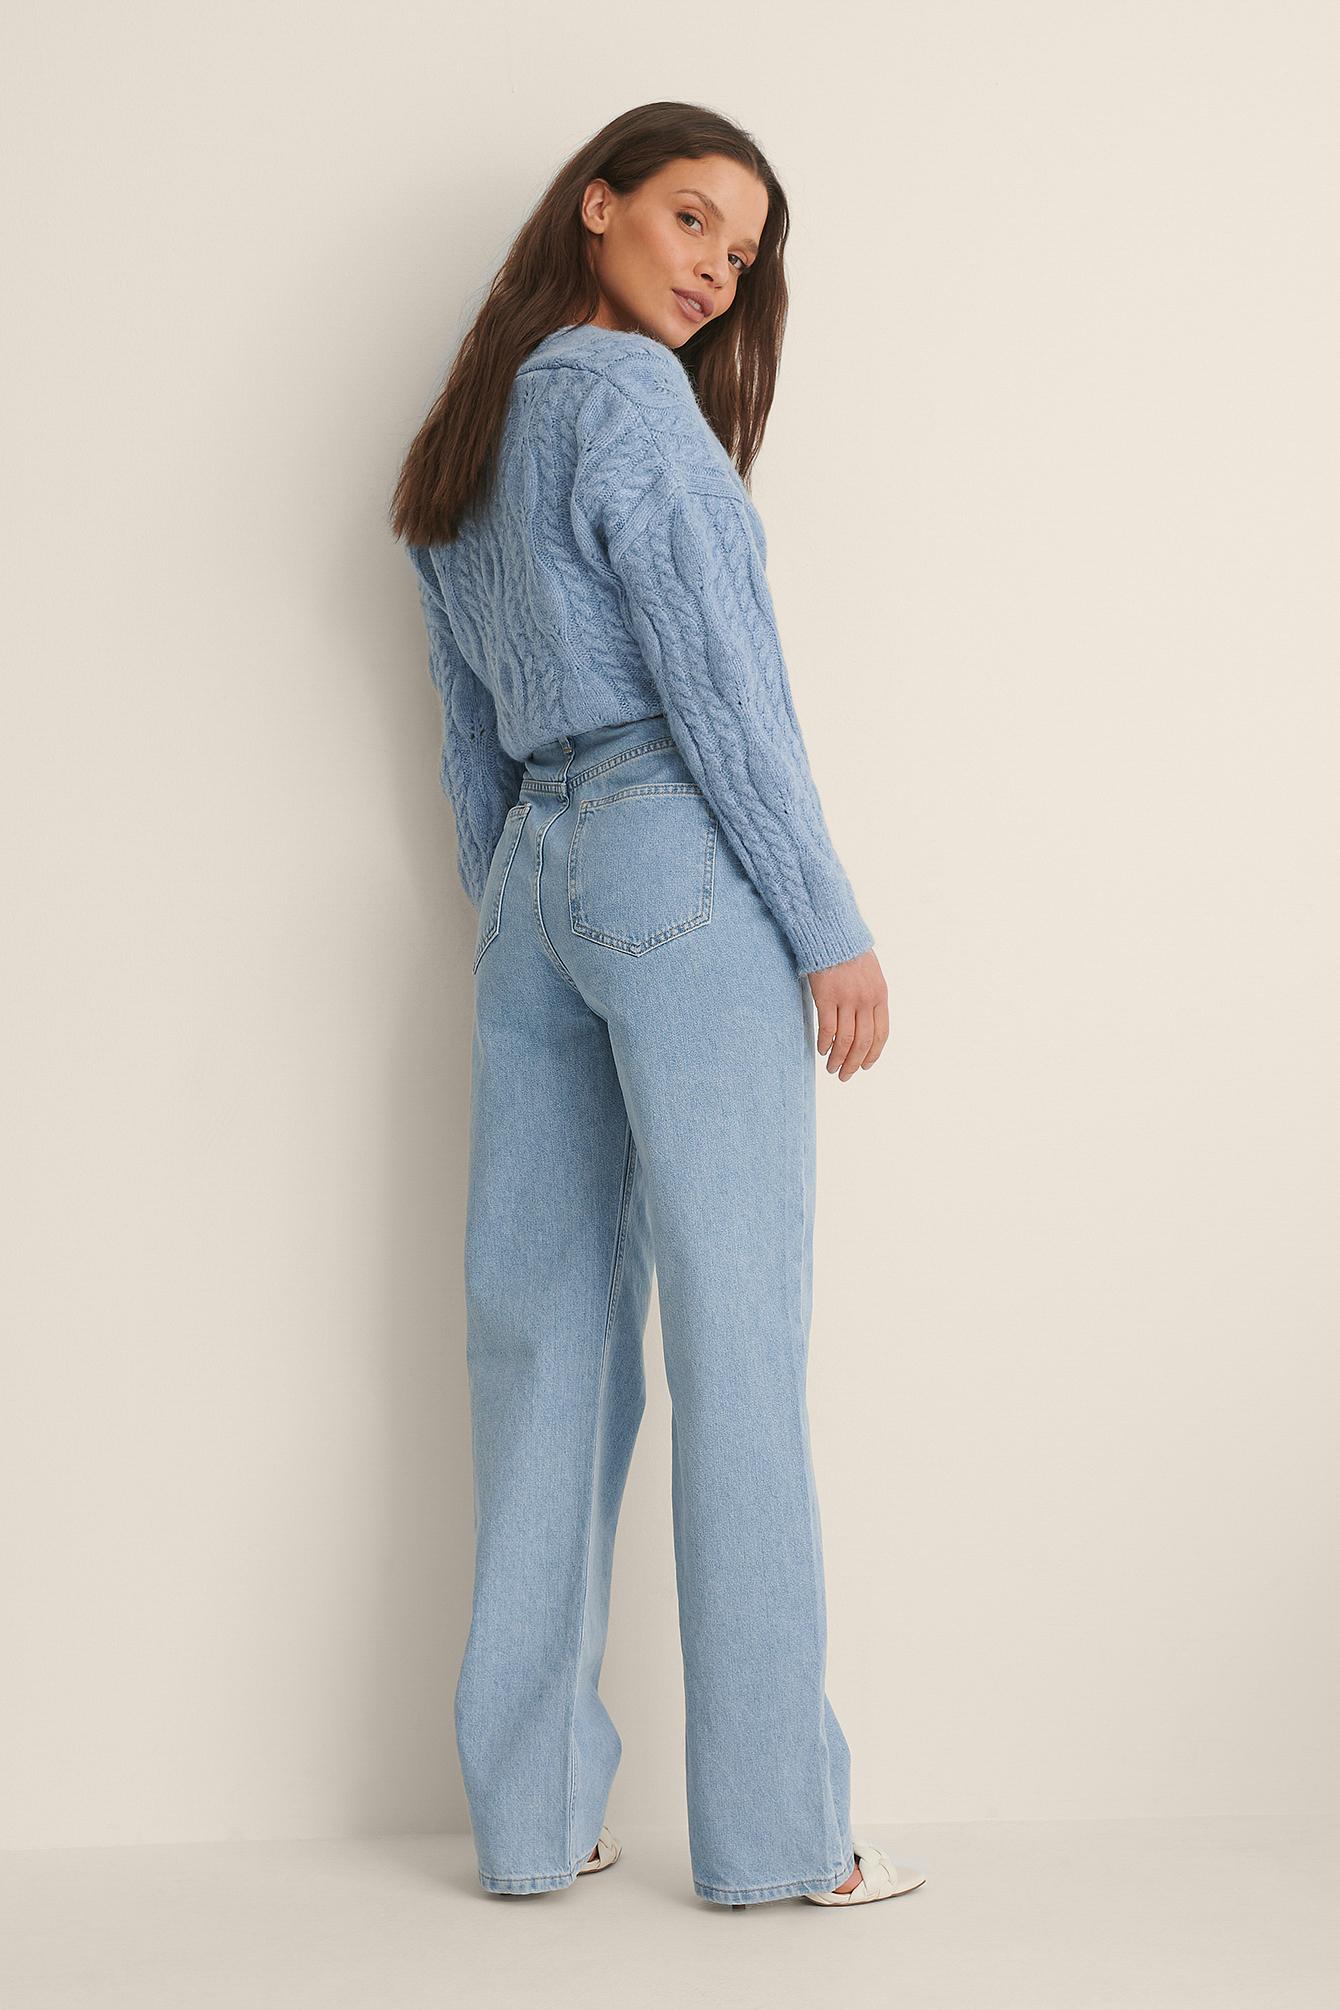 na-kd trend -  Organisch Denim-Jeans Mit Weiten Beinen Und Hoher Taille - Blue